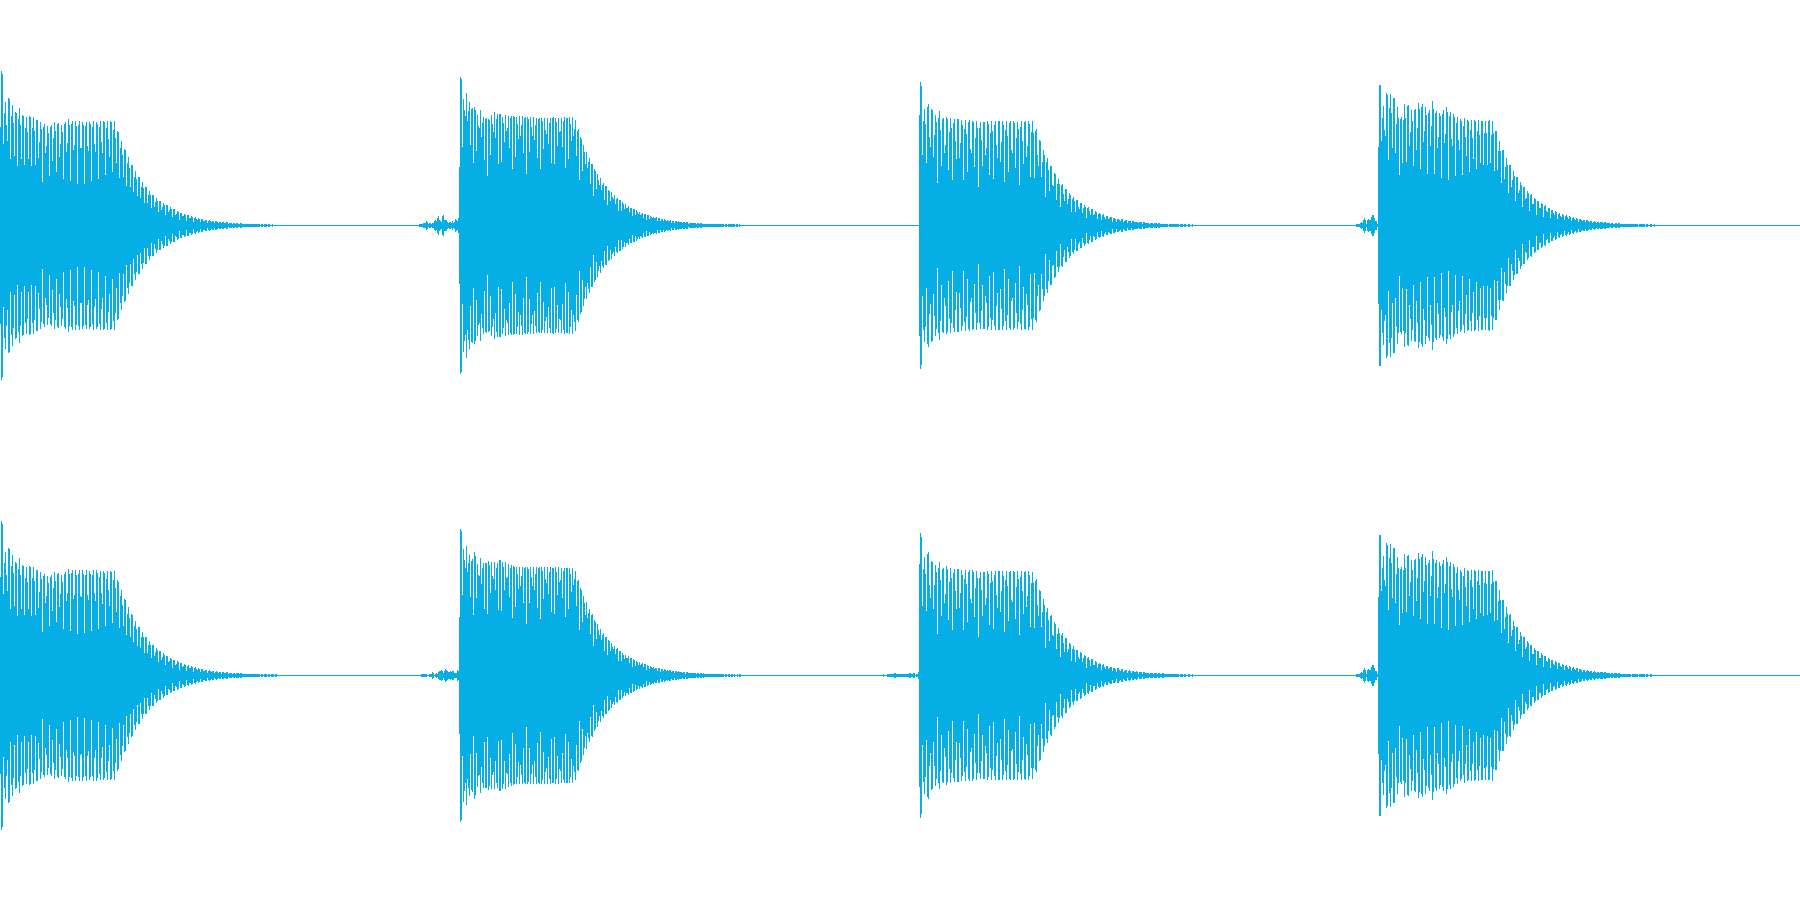 [効果音]コミカルな着信音の再生済みの波形